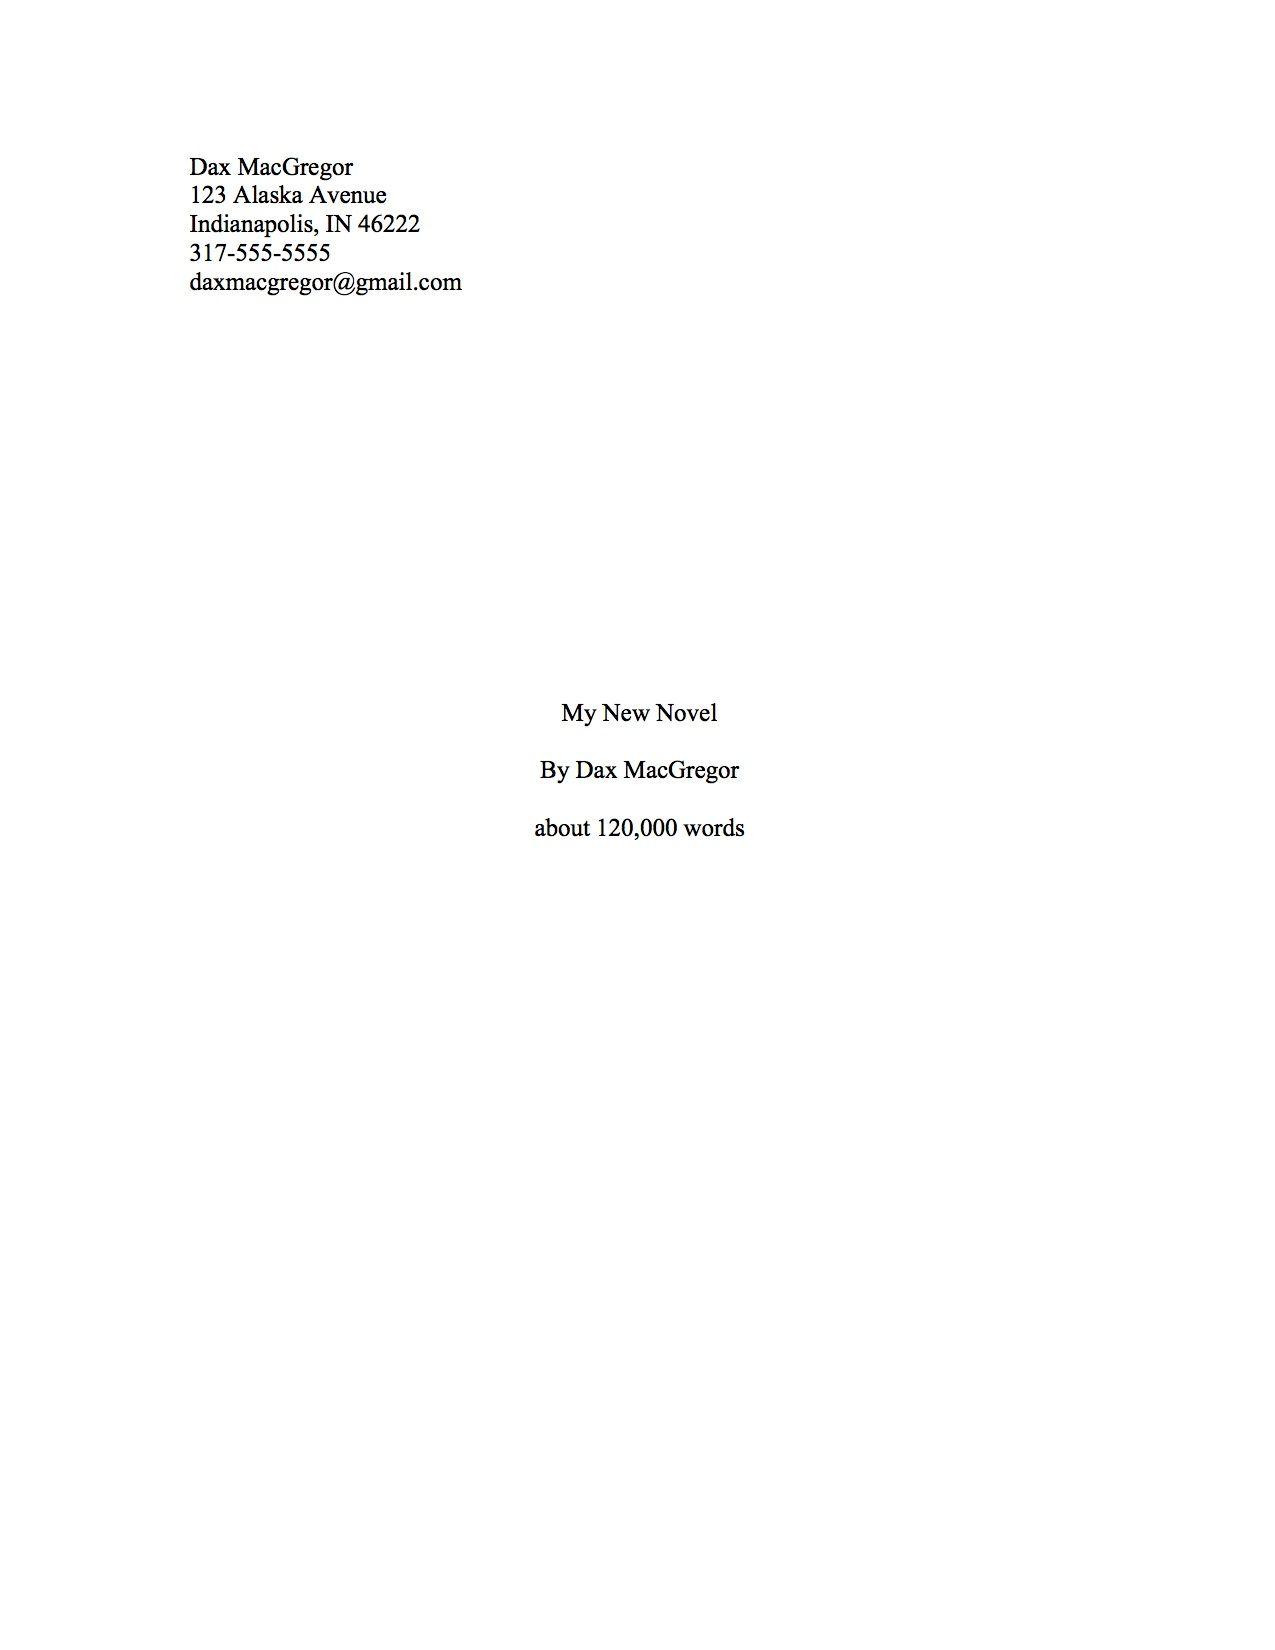 Proper Manuscript Format For A Novel Manuscript Format